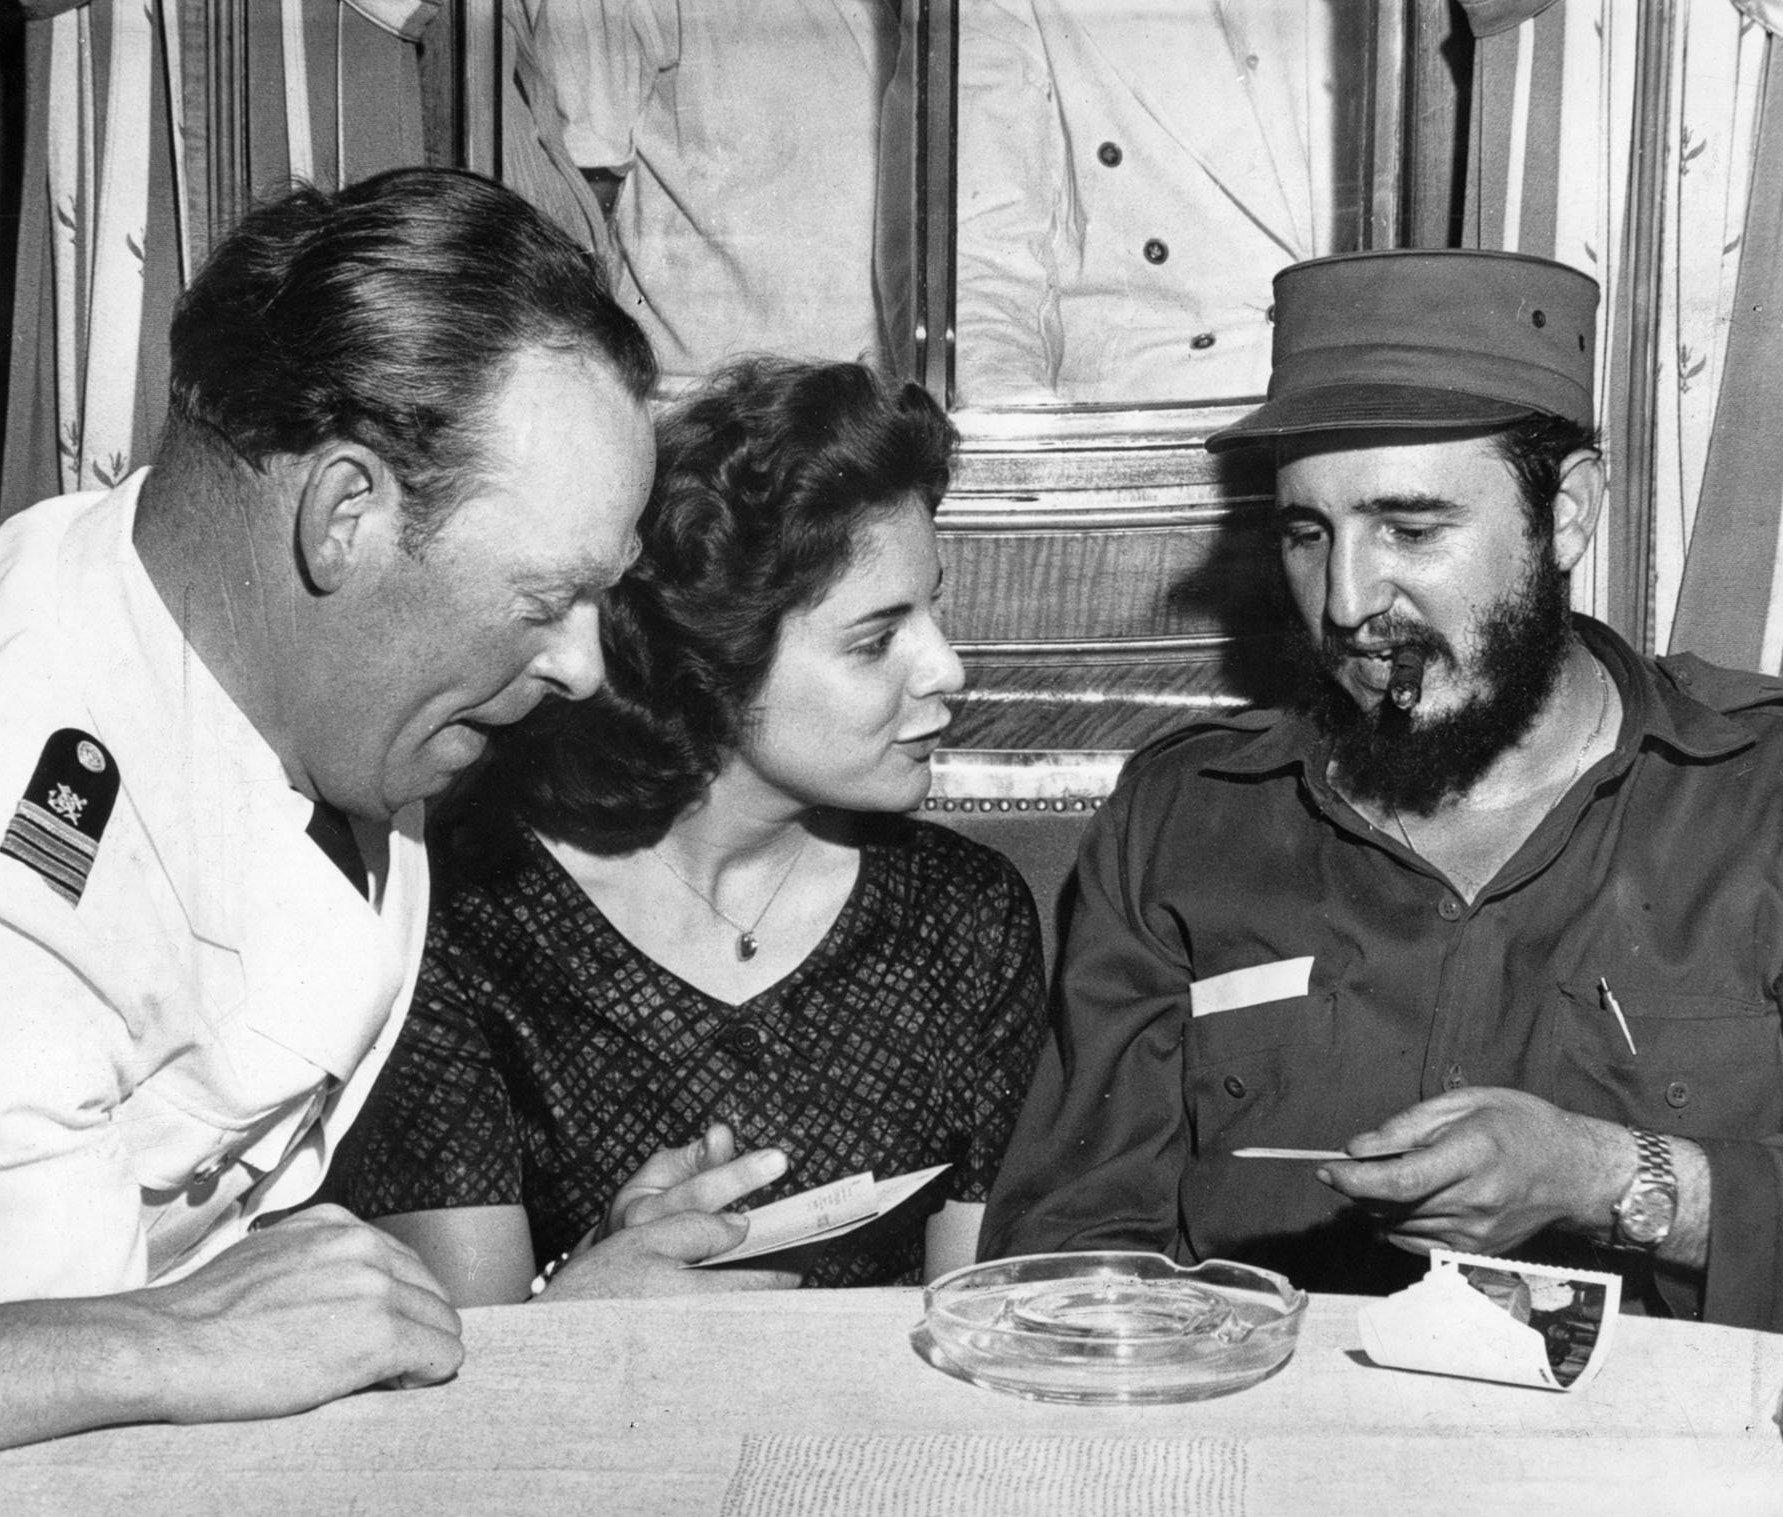 Marita Lorenz se dirige a Fidel Castro a bordo del crucero MS Berlin, 1959